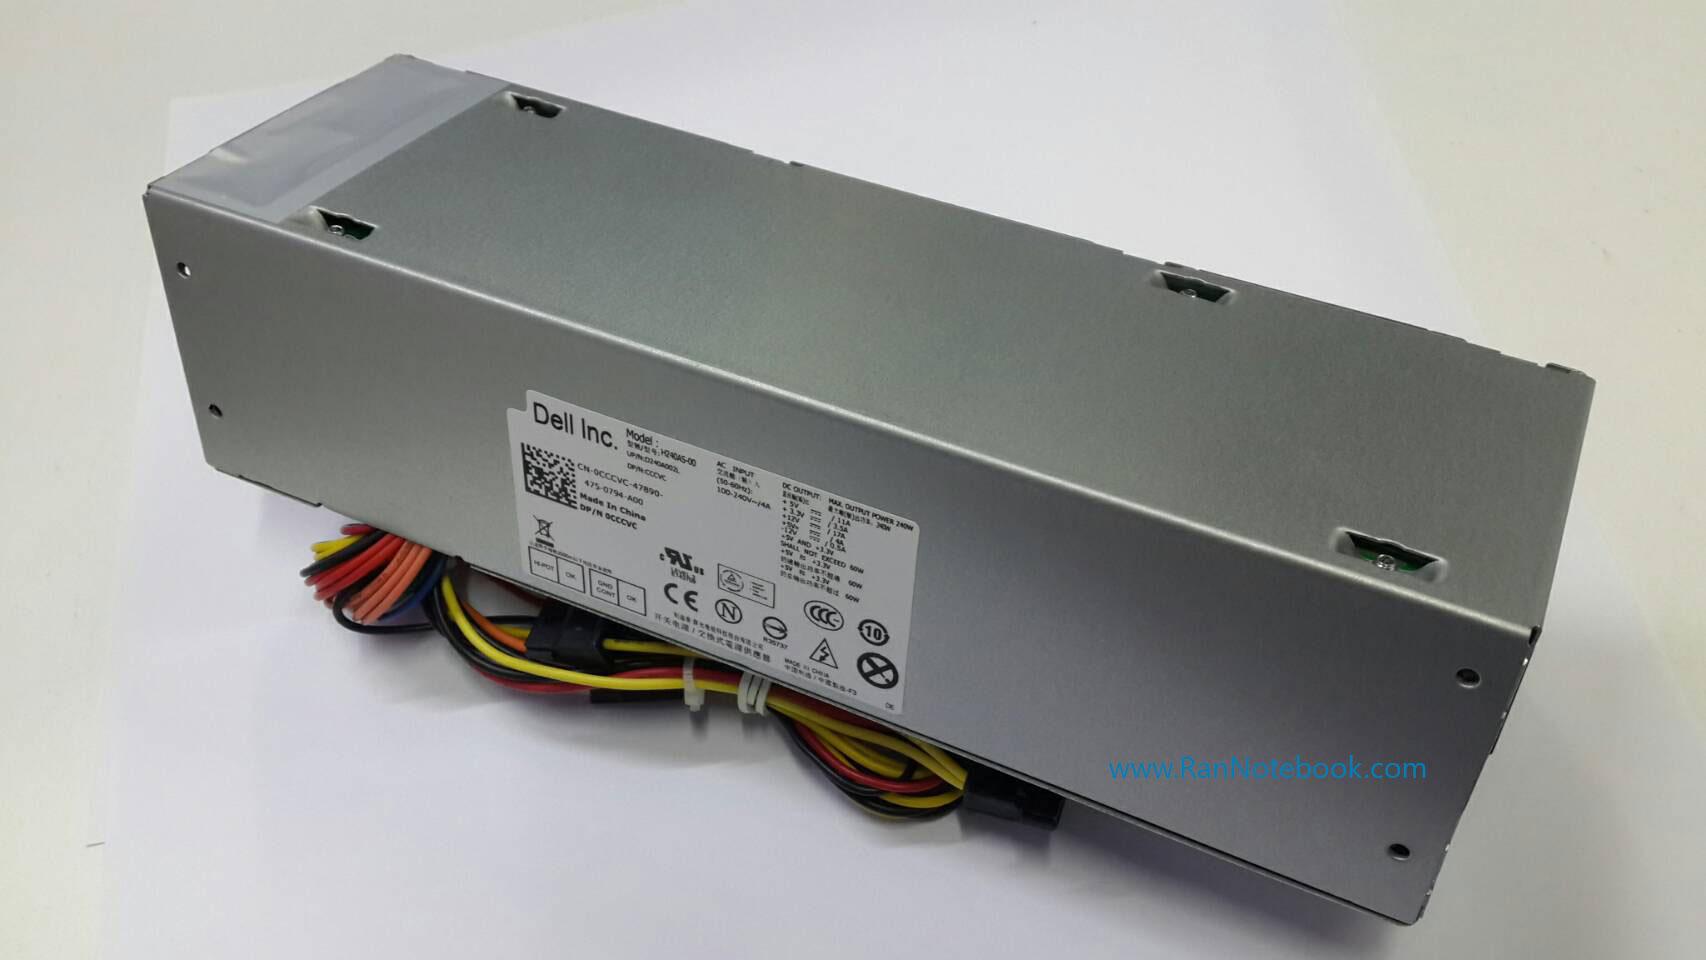 Power Supply Dell Optiplex 990 SFF 240 Watt อะไหล่แท้ ประกันศูนย์ Dell